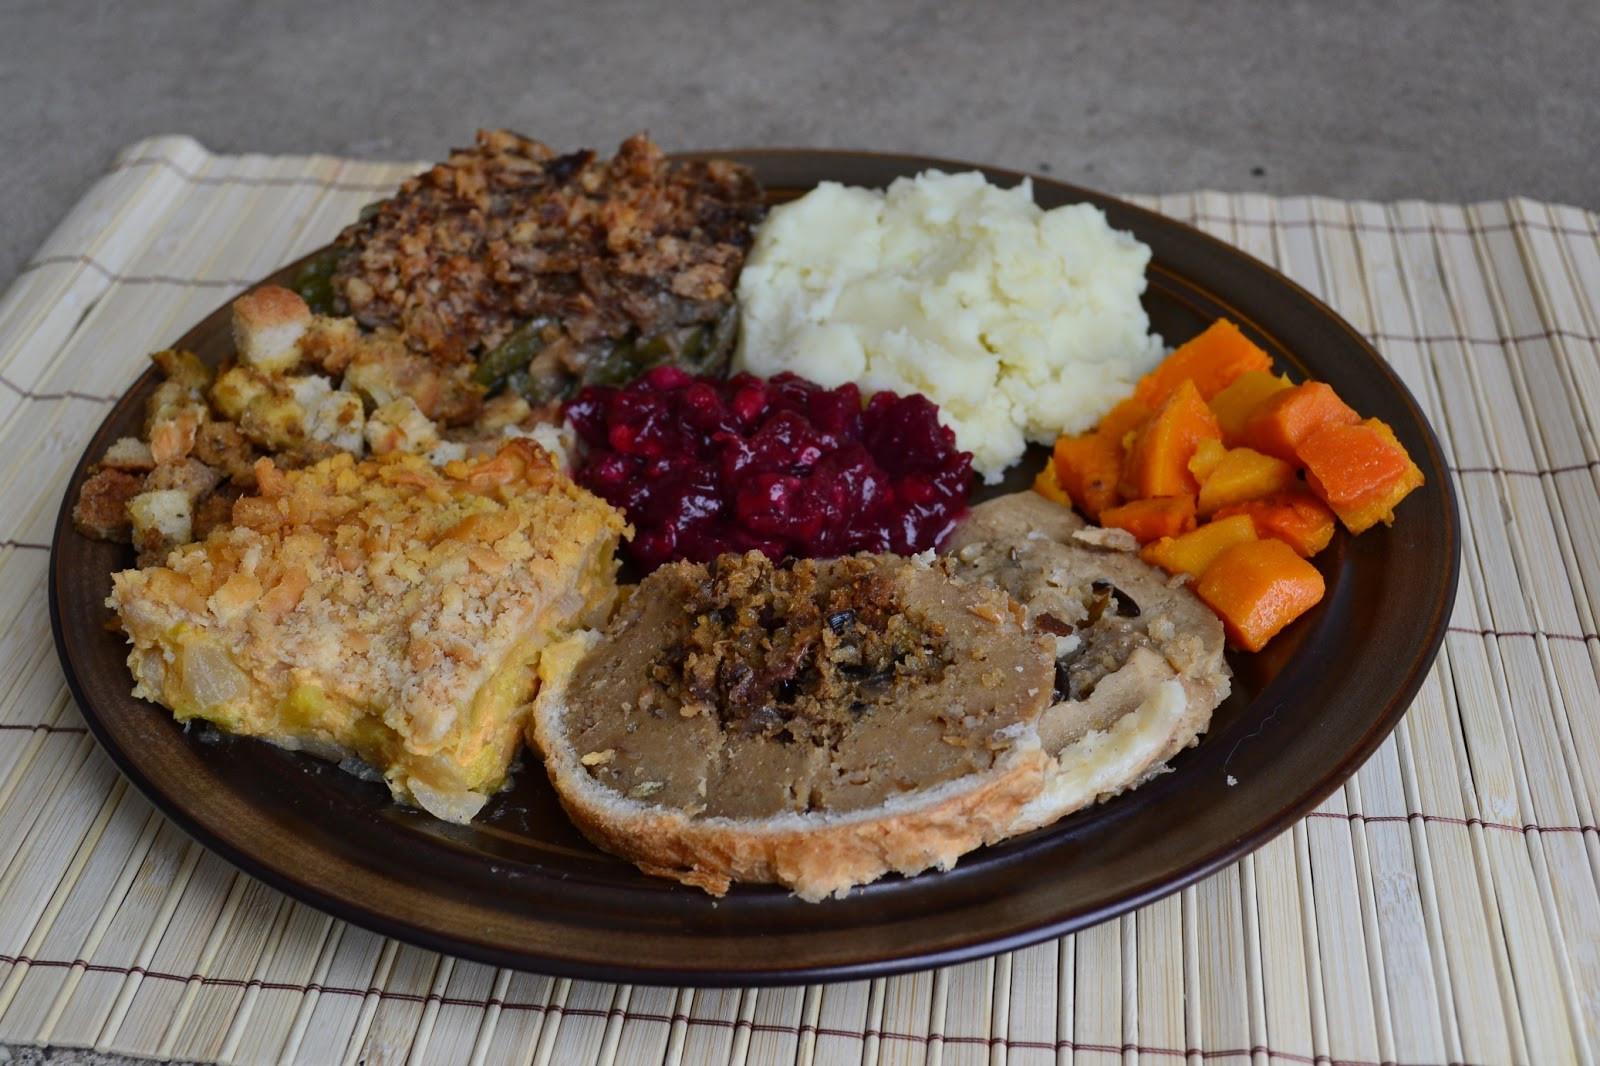 Vegetarian Thanksgiving Meal  Growing Up Veg Thanksgiving Round Up